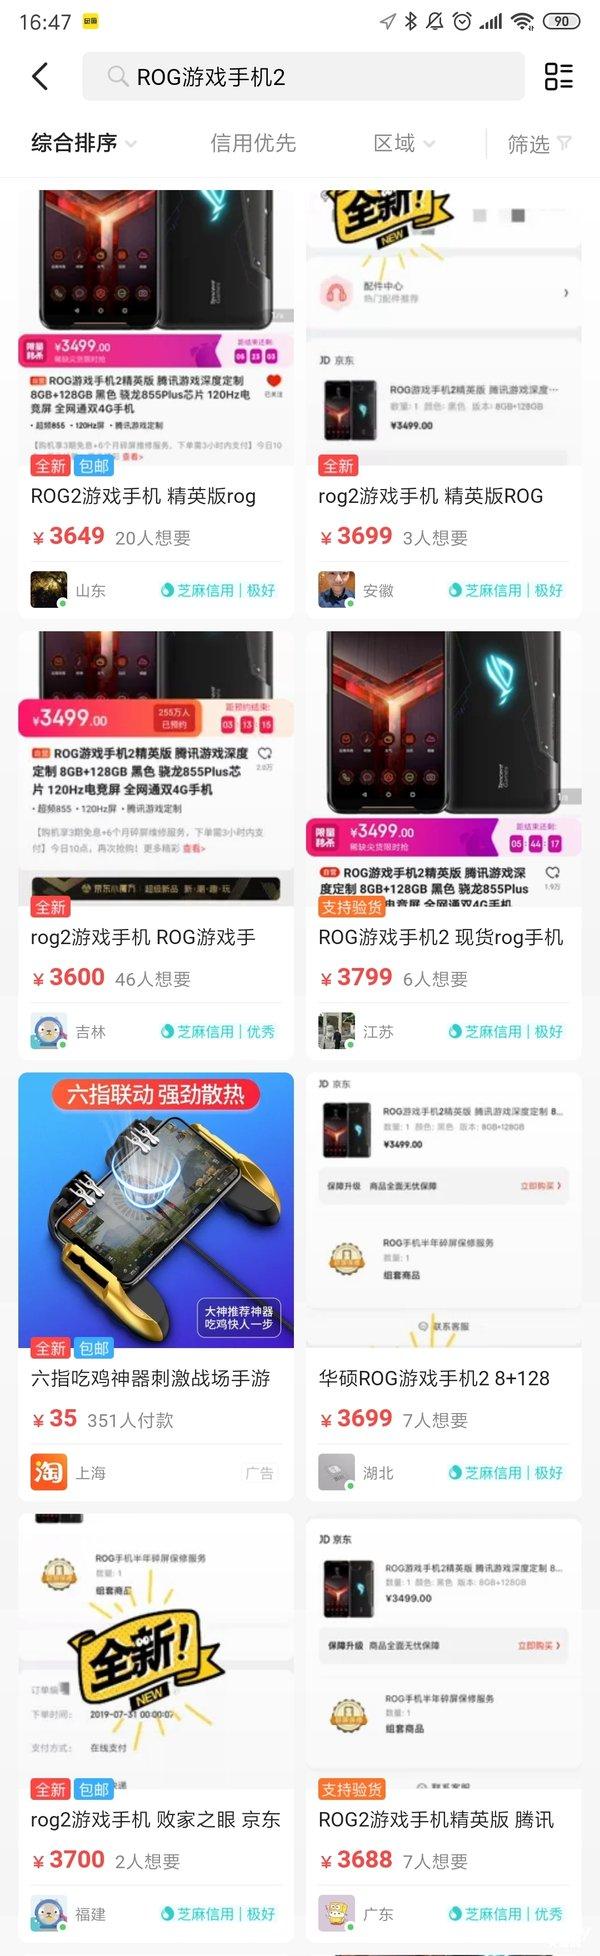 联合腾讯深度定制 ROG游戏手机2首销火爆:有网友闲鱼加价售卖